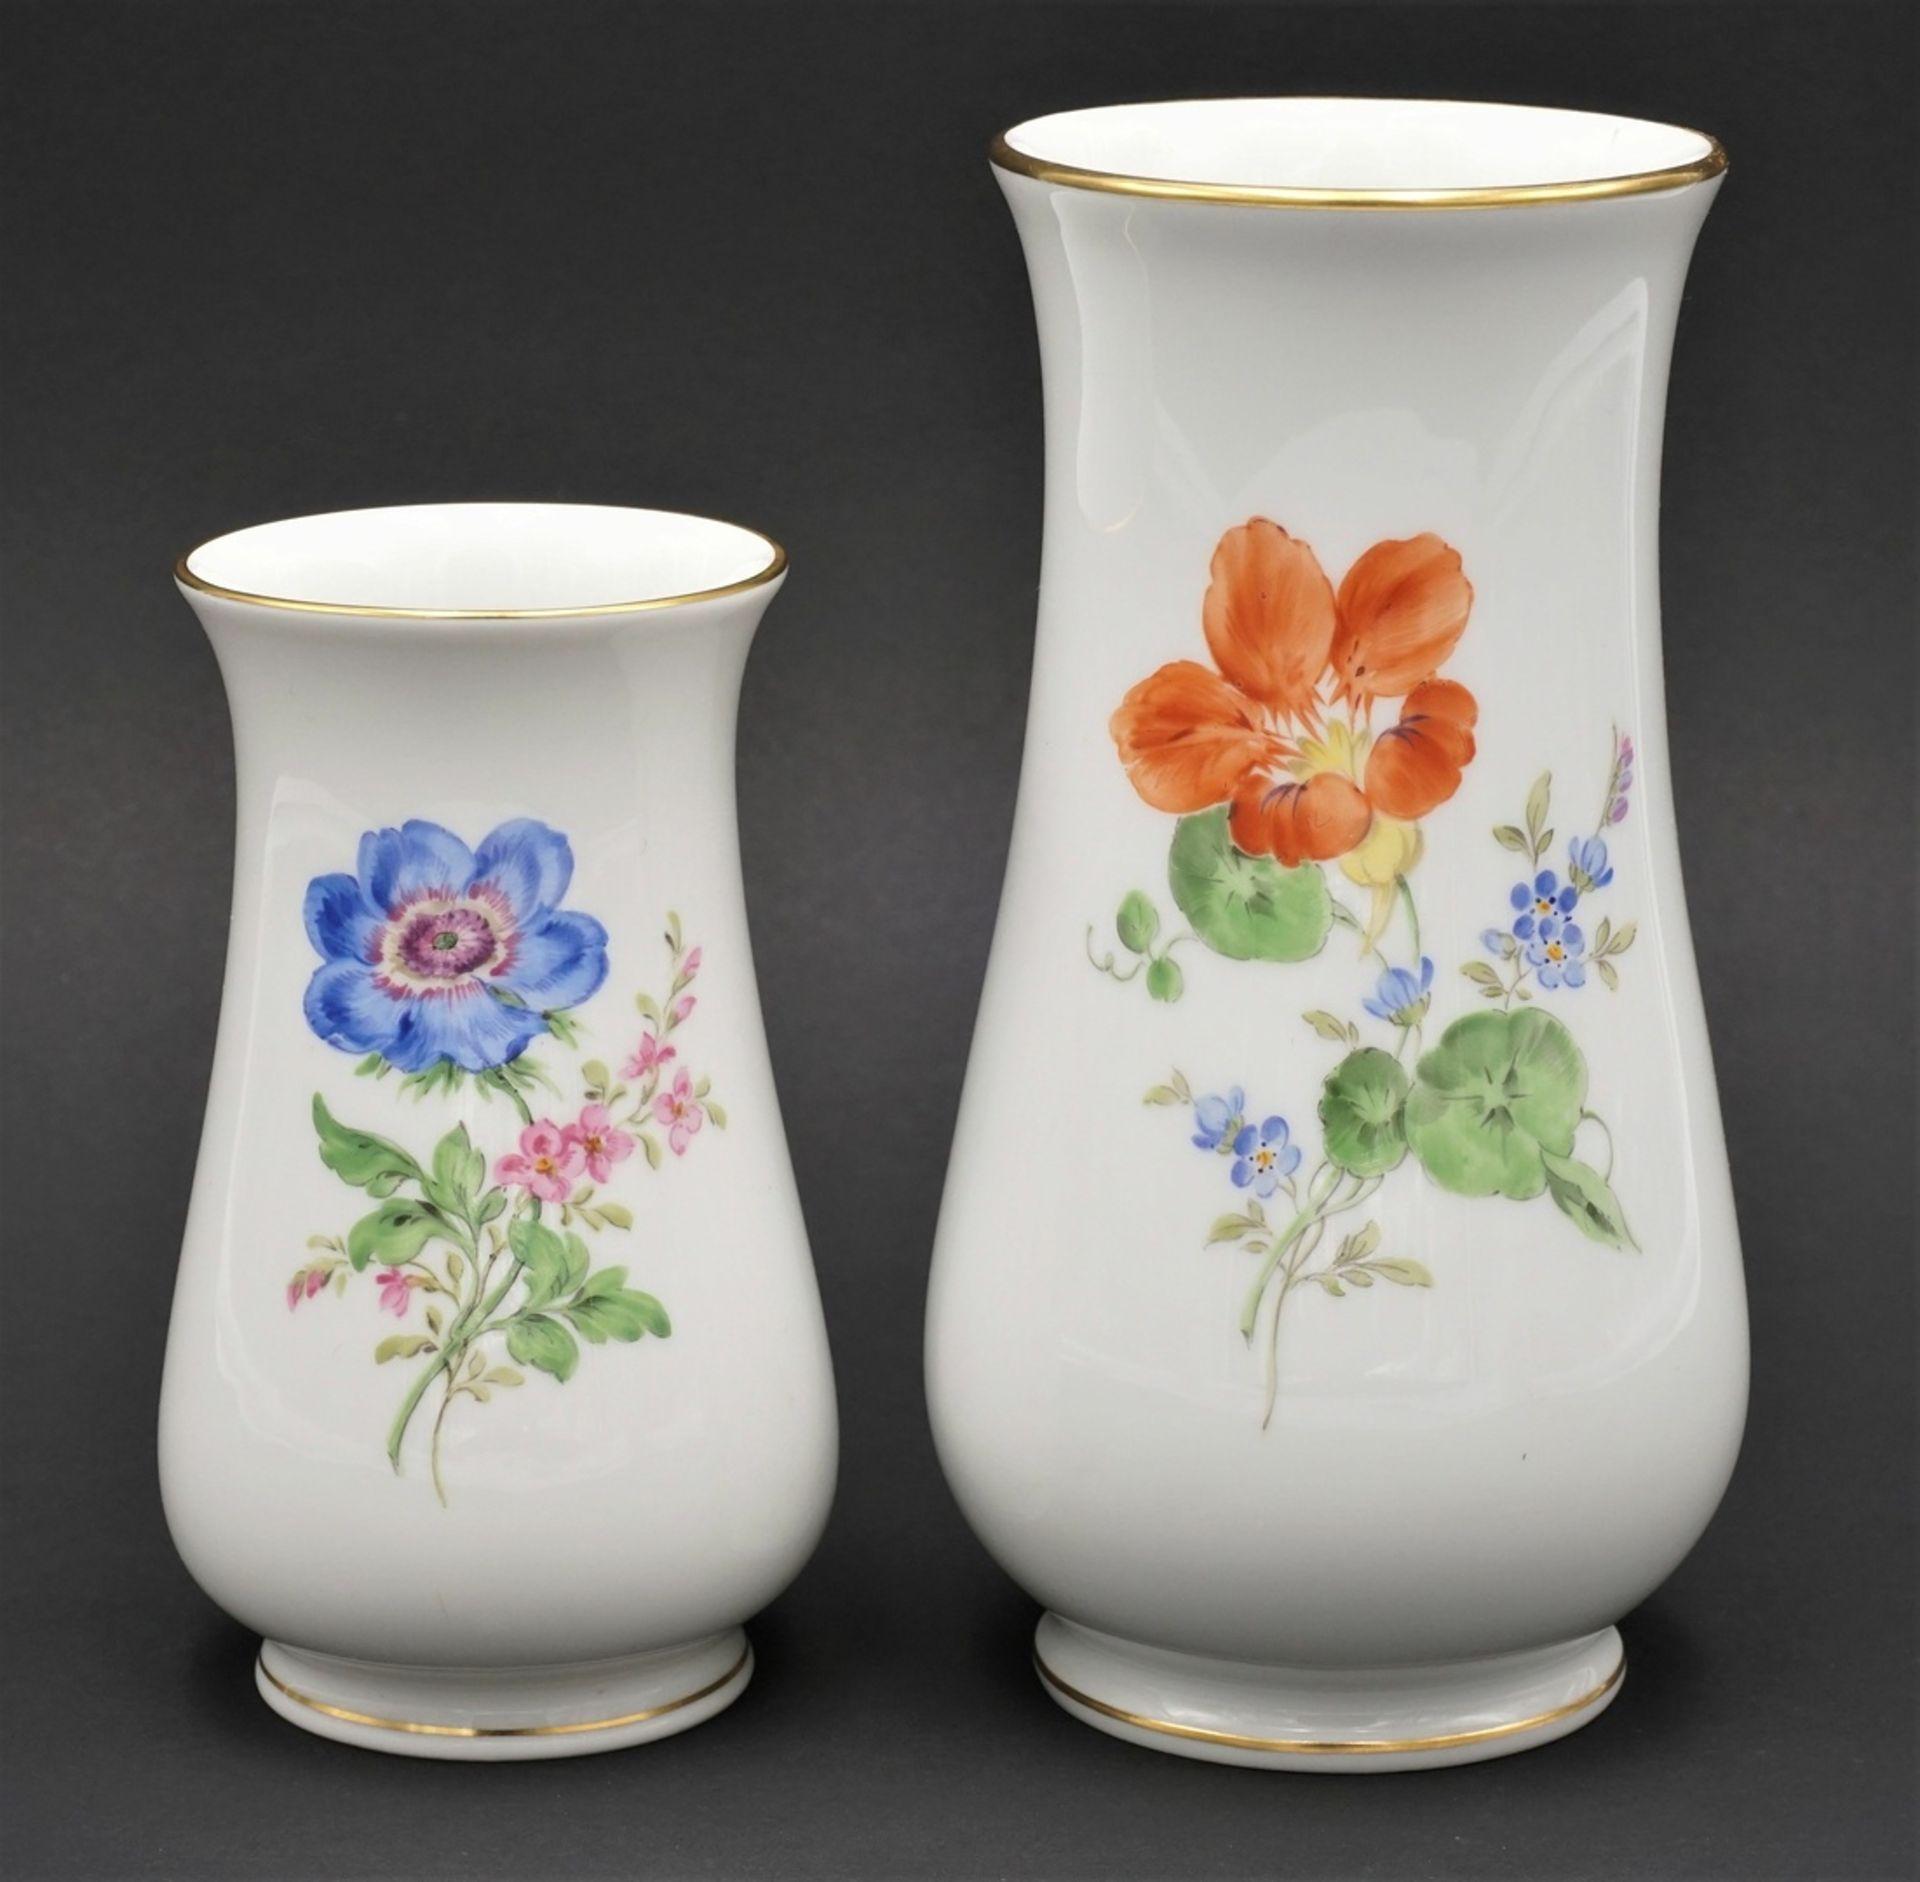 Zwei Meissen Vasen mit Bunter Blume